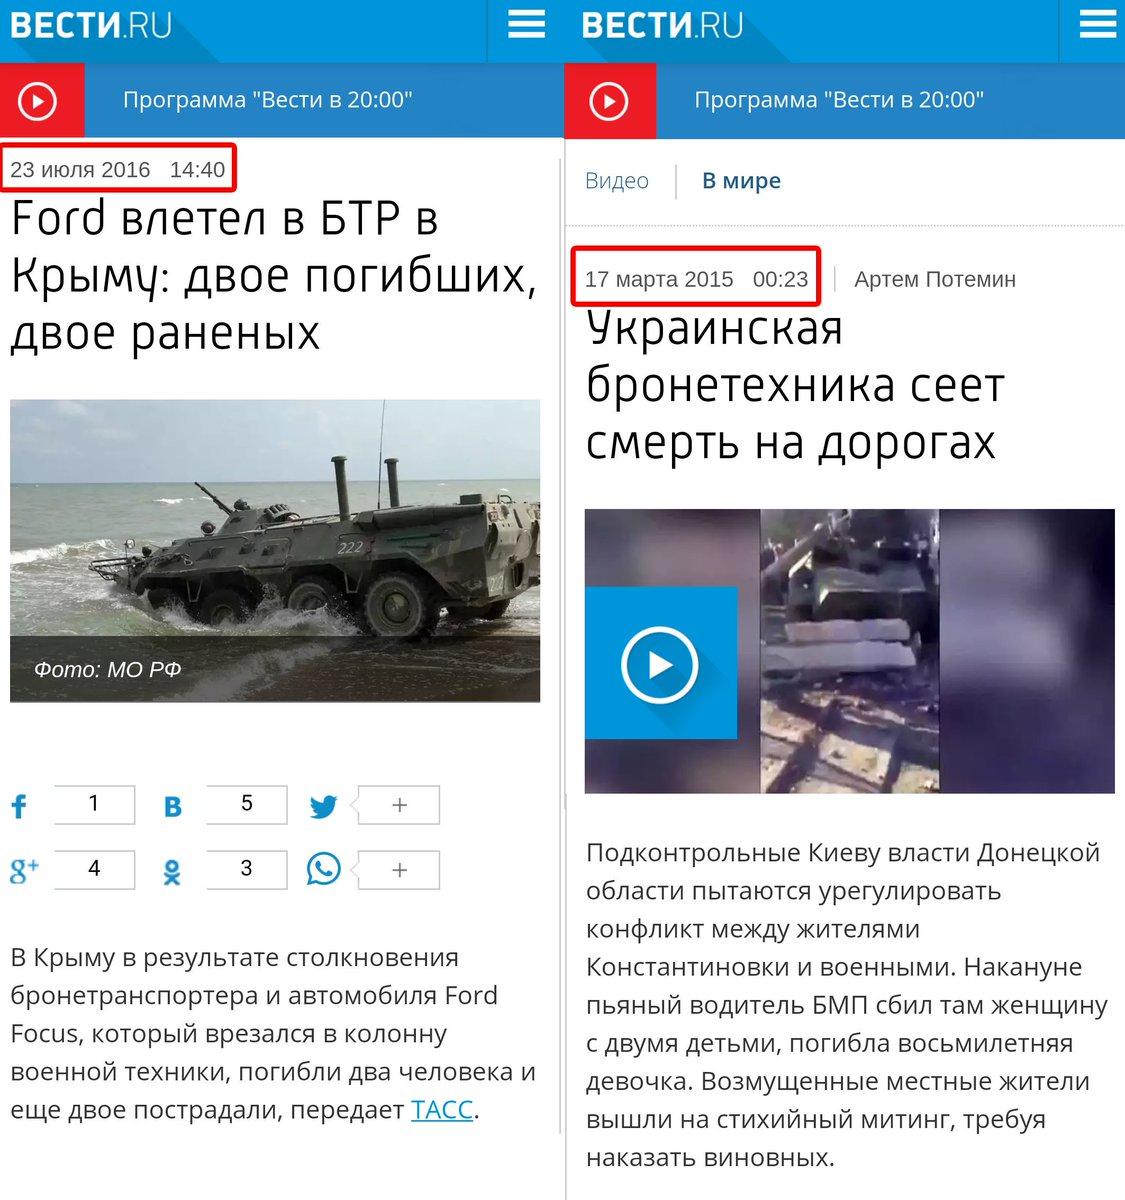 """Нардеп Береза - сепаратистам Донбасса: """"Вам было бы неплохо озаботиться своим будущим"""" - Цензор.НЕТ 3468"""